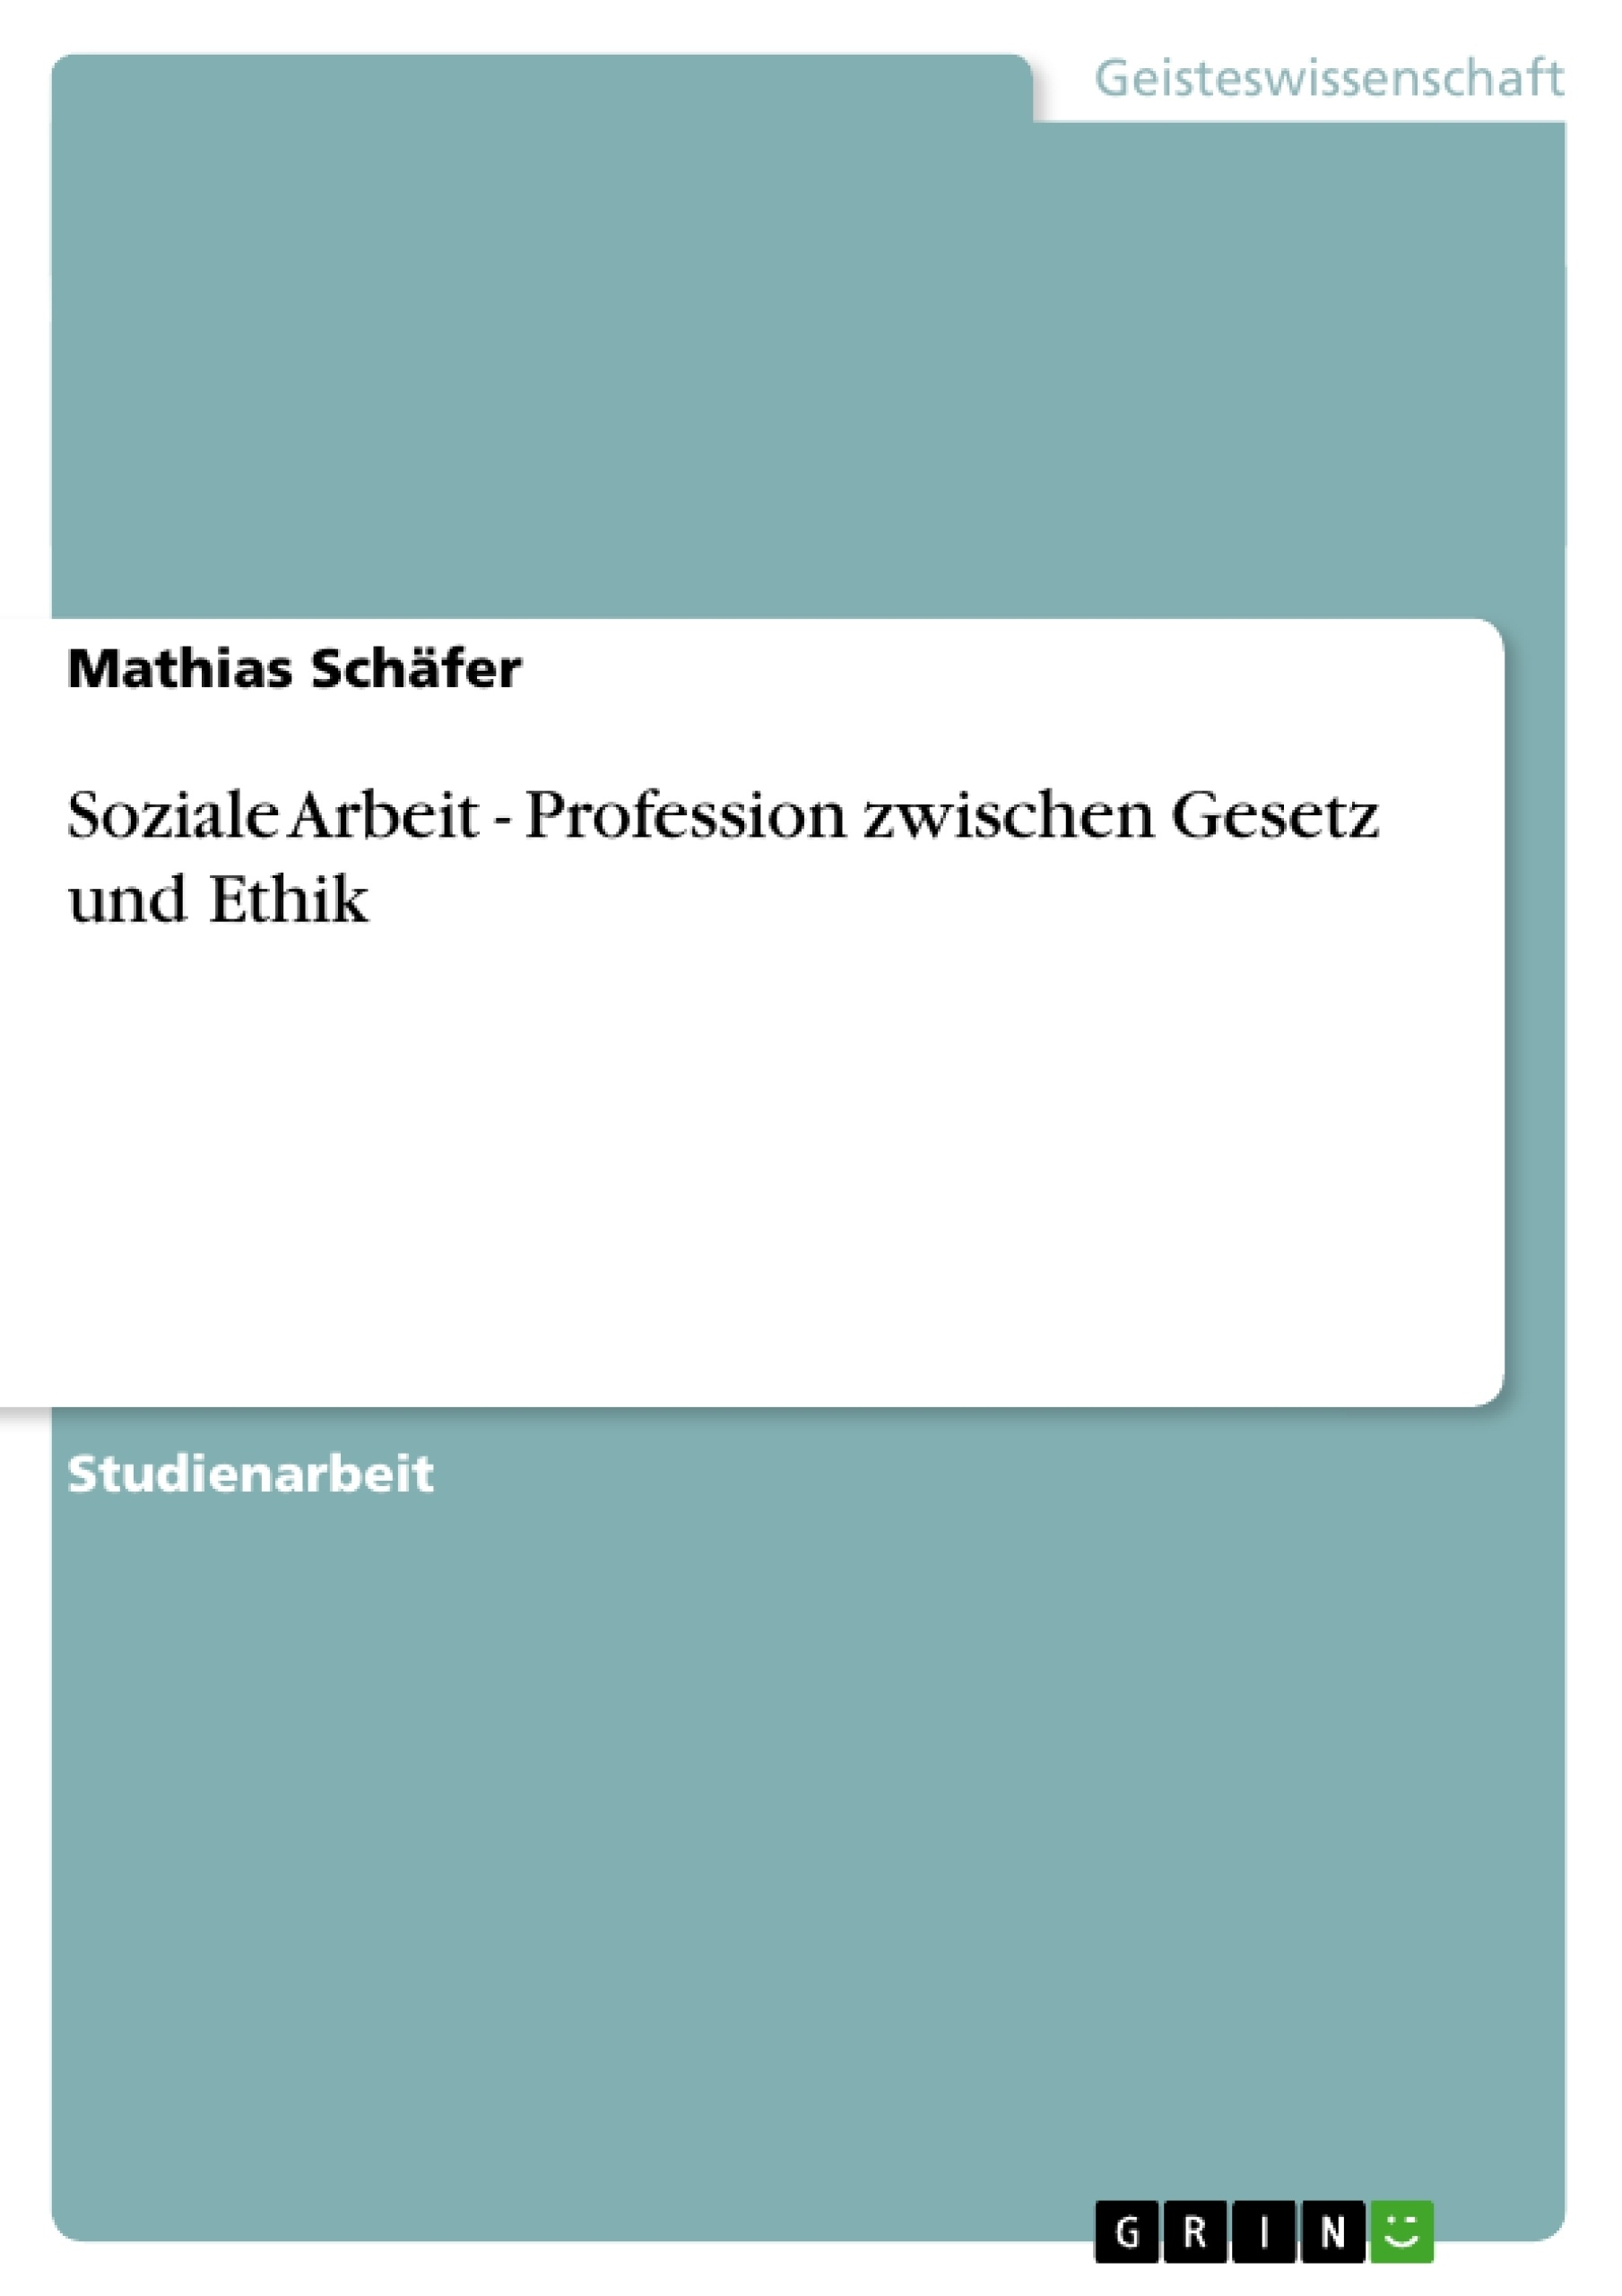 Titel: Soziale Arbeit - Profession zwischen Gesetz und Ethik